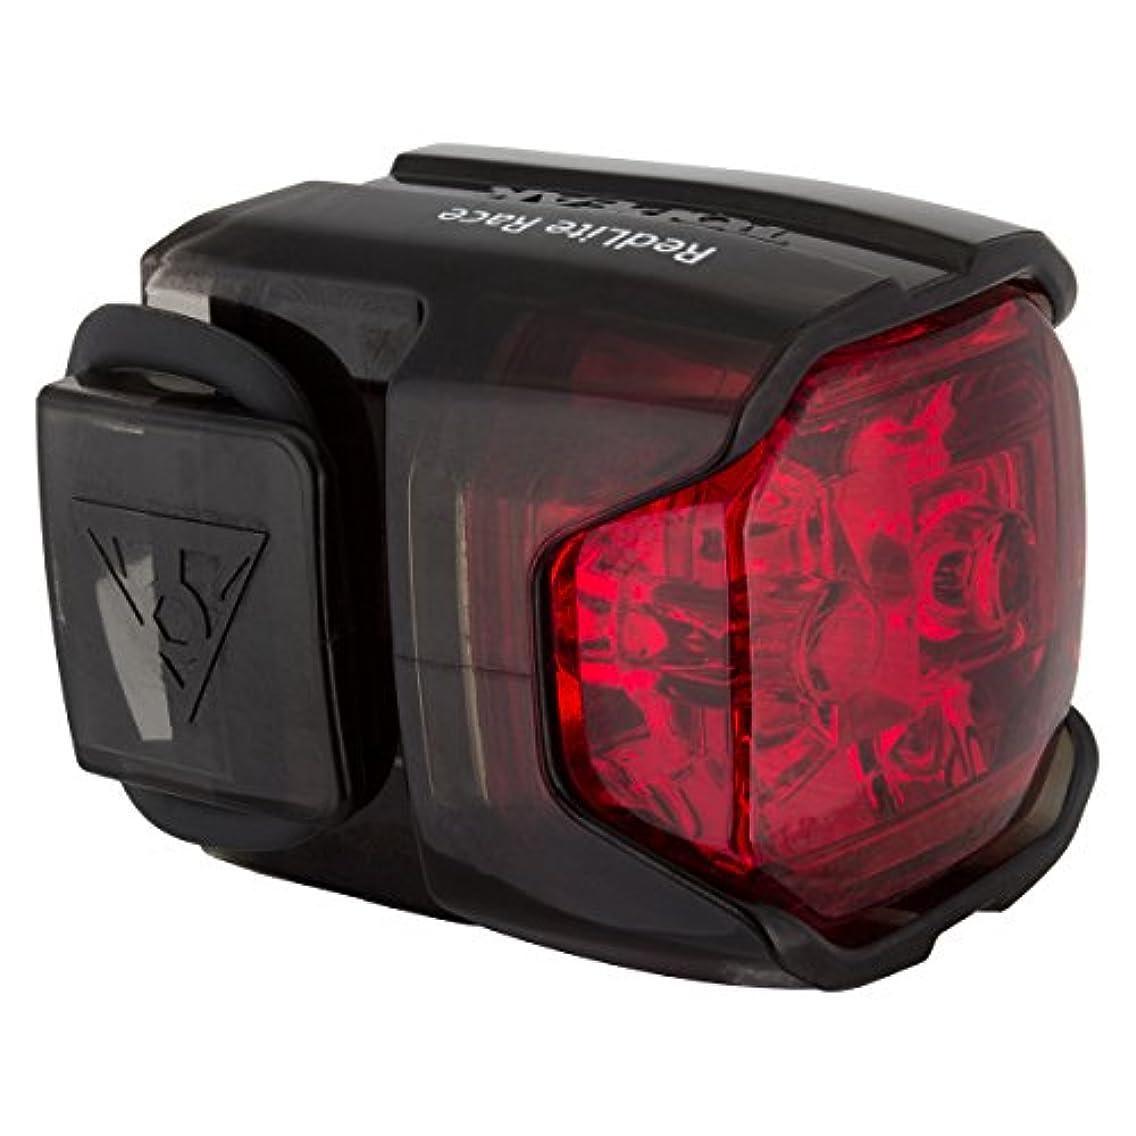 の中で拍車化合物Topeak RedLite Race Tail Light by Topeak